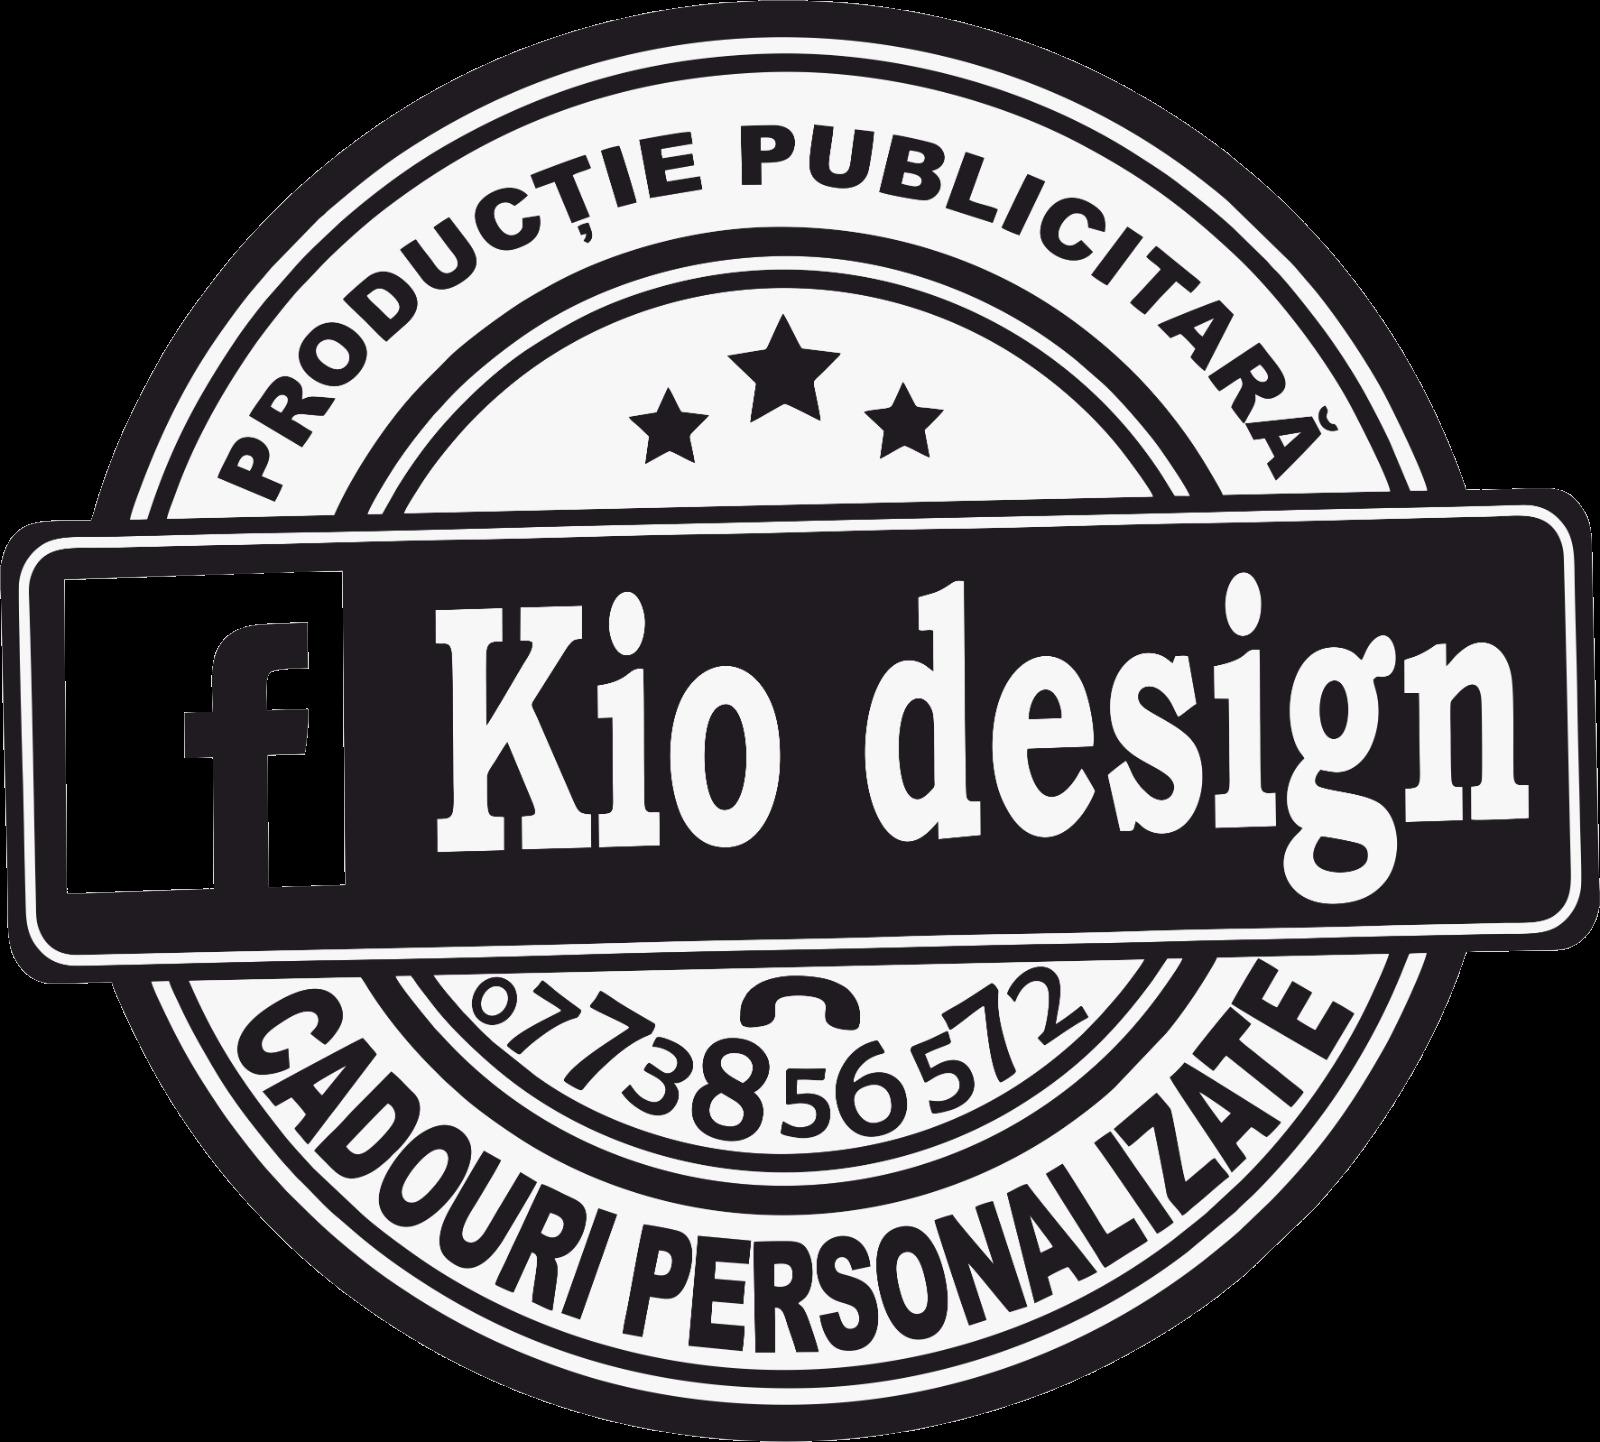 Kio Design